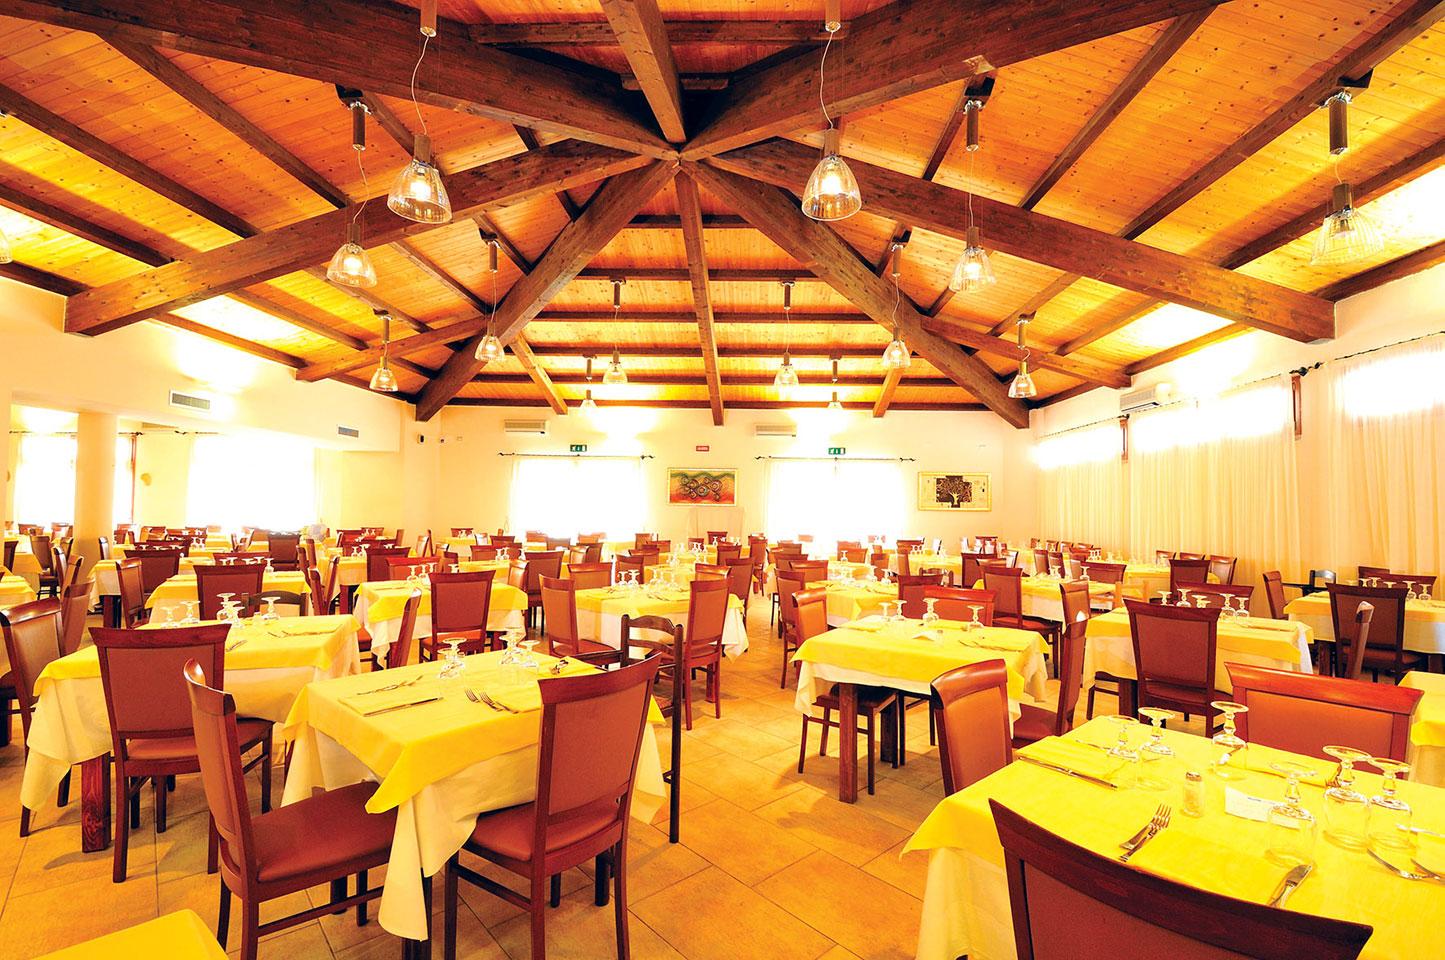 Irresistibili 2019 Club Hotel Eurovillage 7 Notti dal 12 Settembre